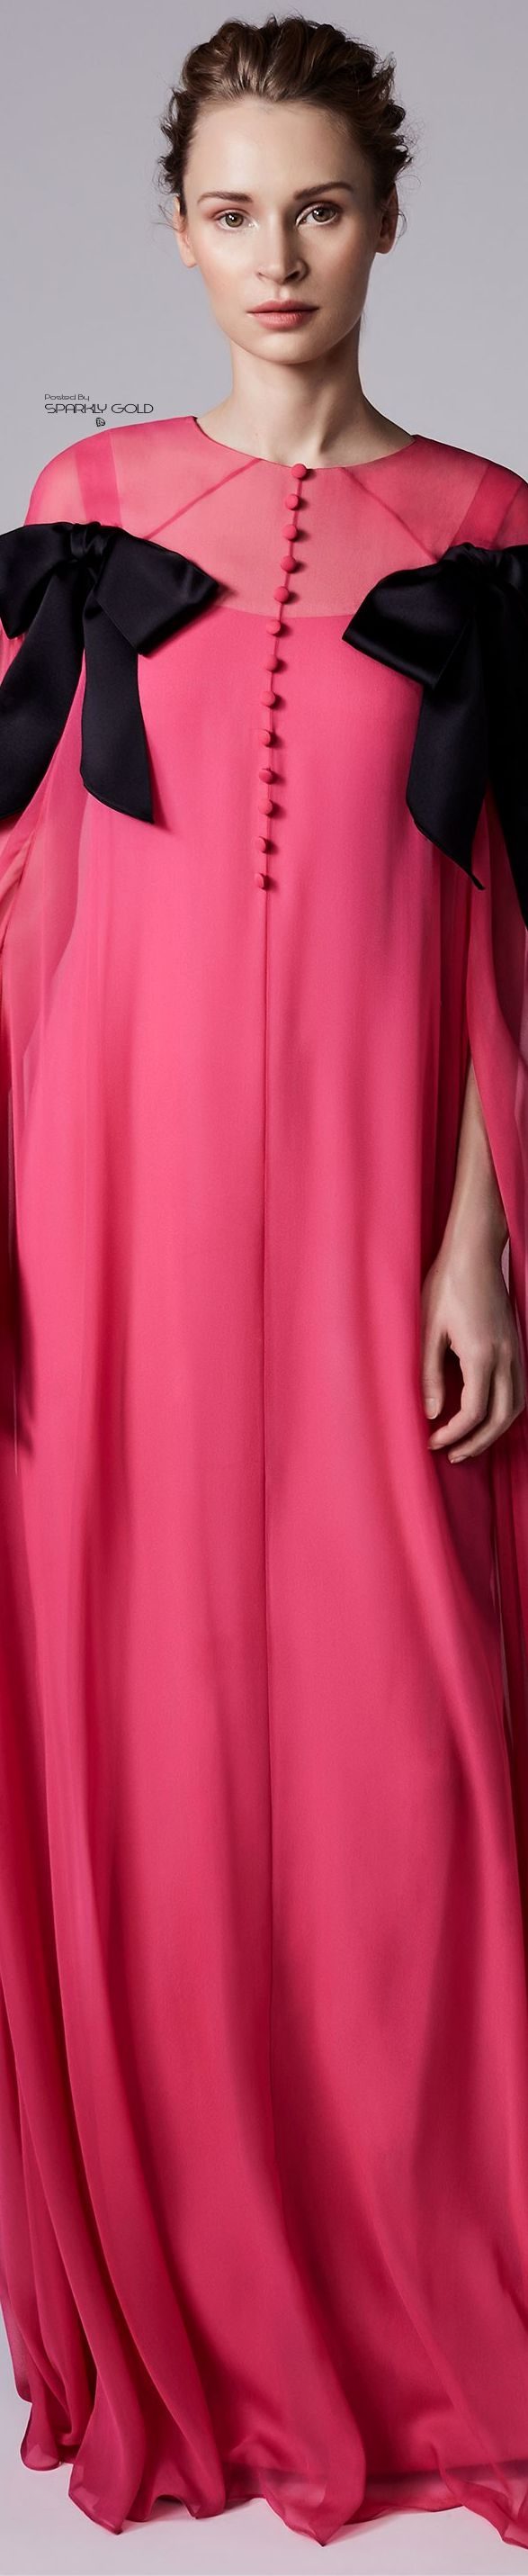 Perfecto Vestidos De Dama De Reem Acra Friso - Colección de Vestidos ...